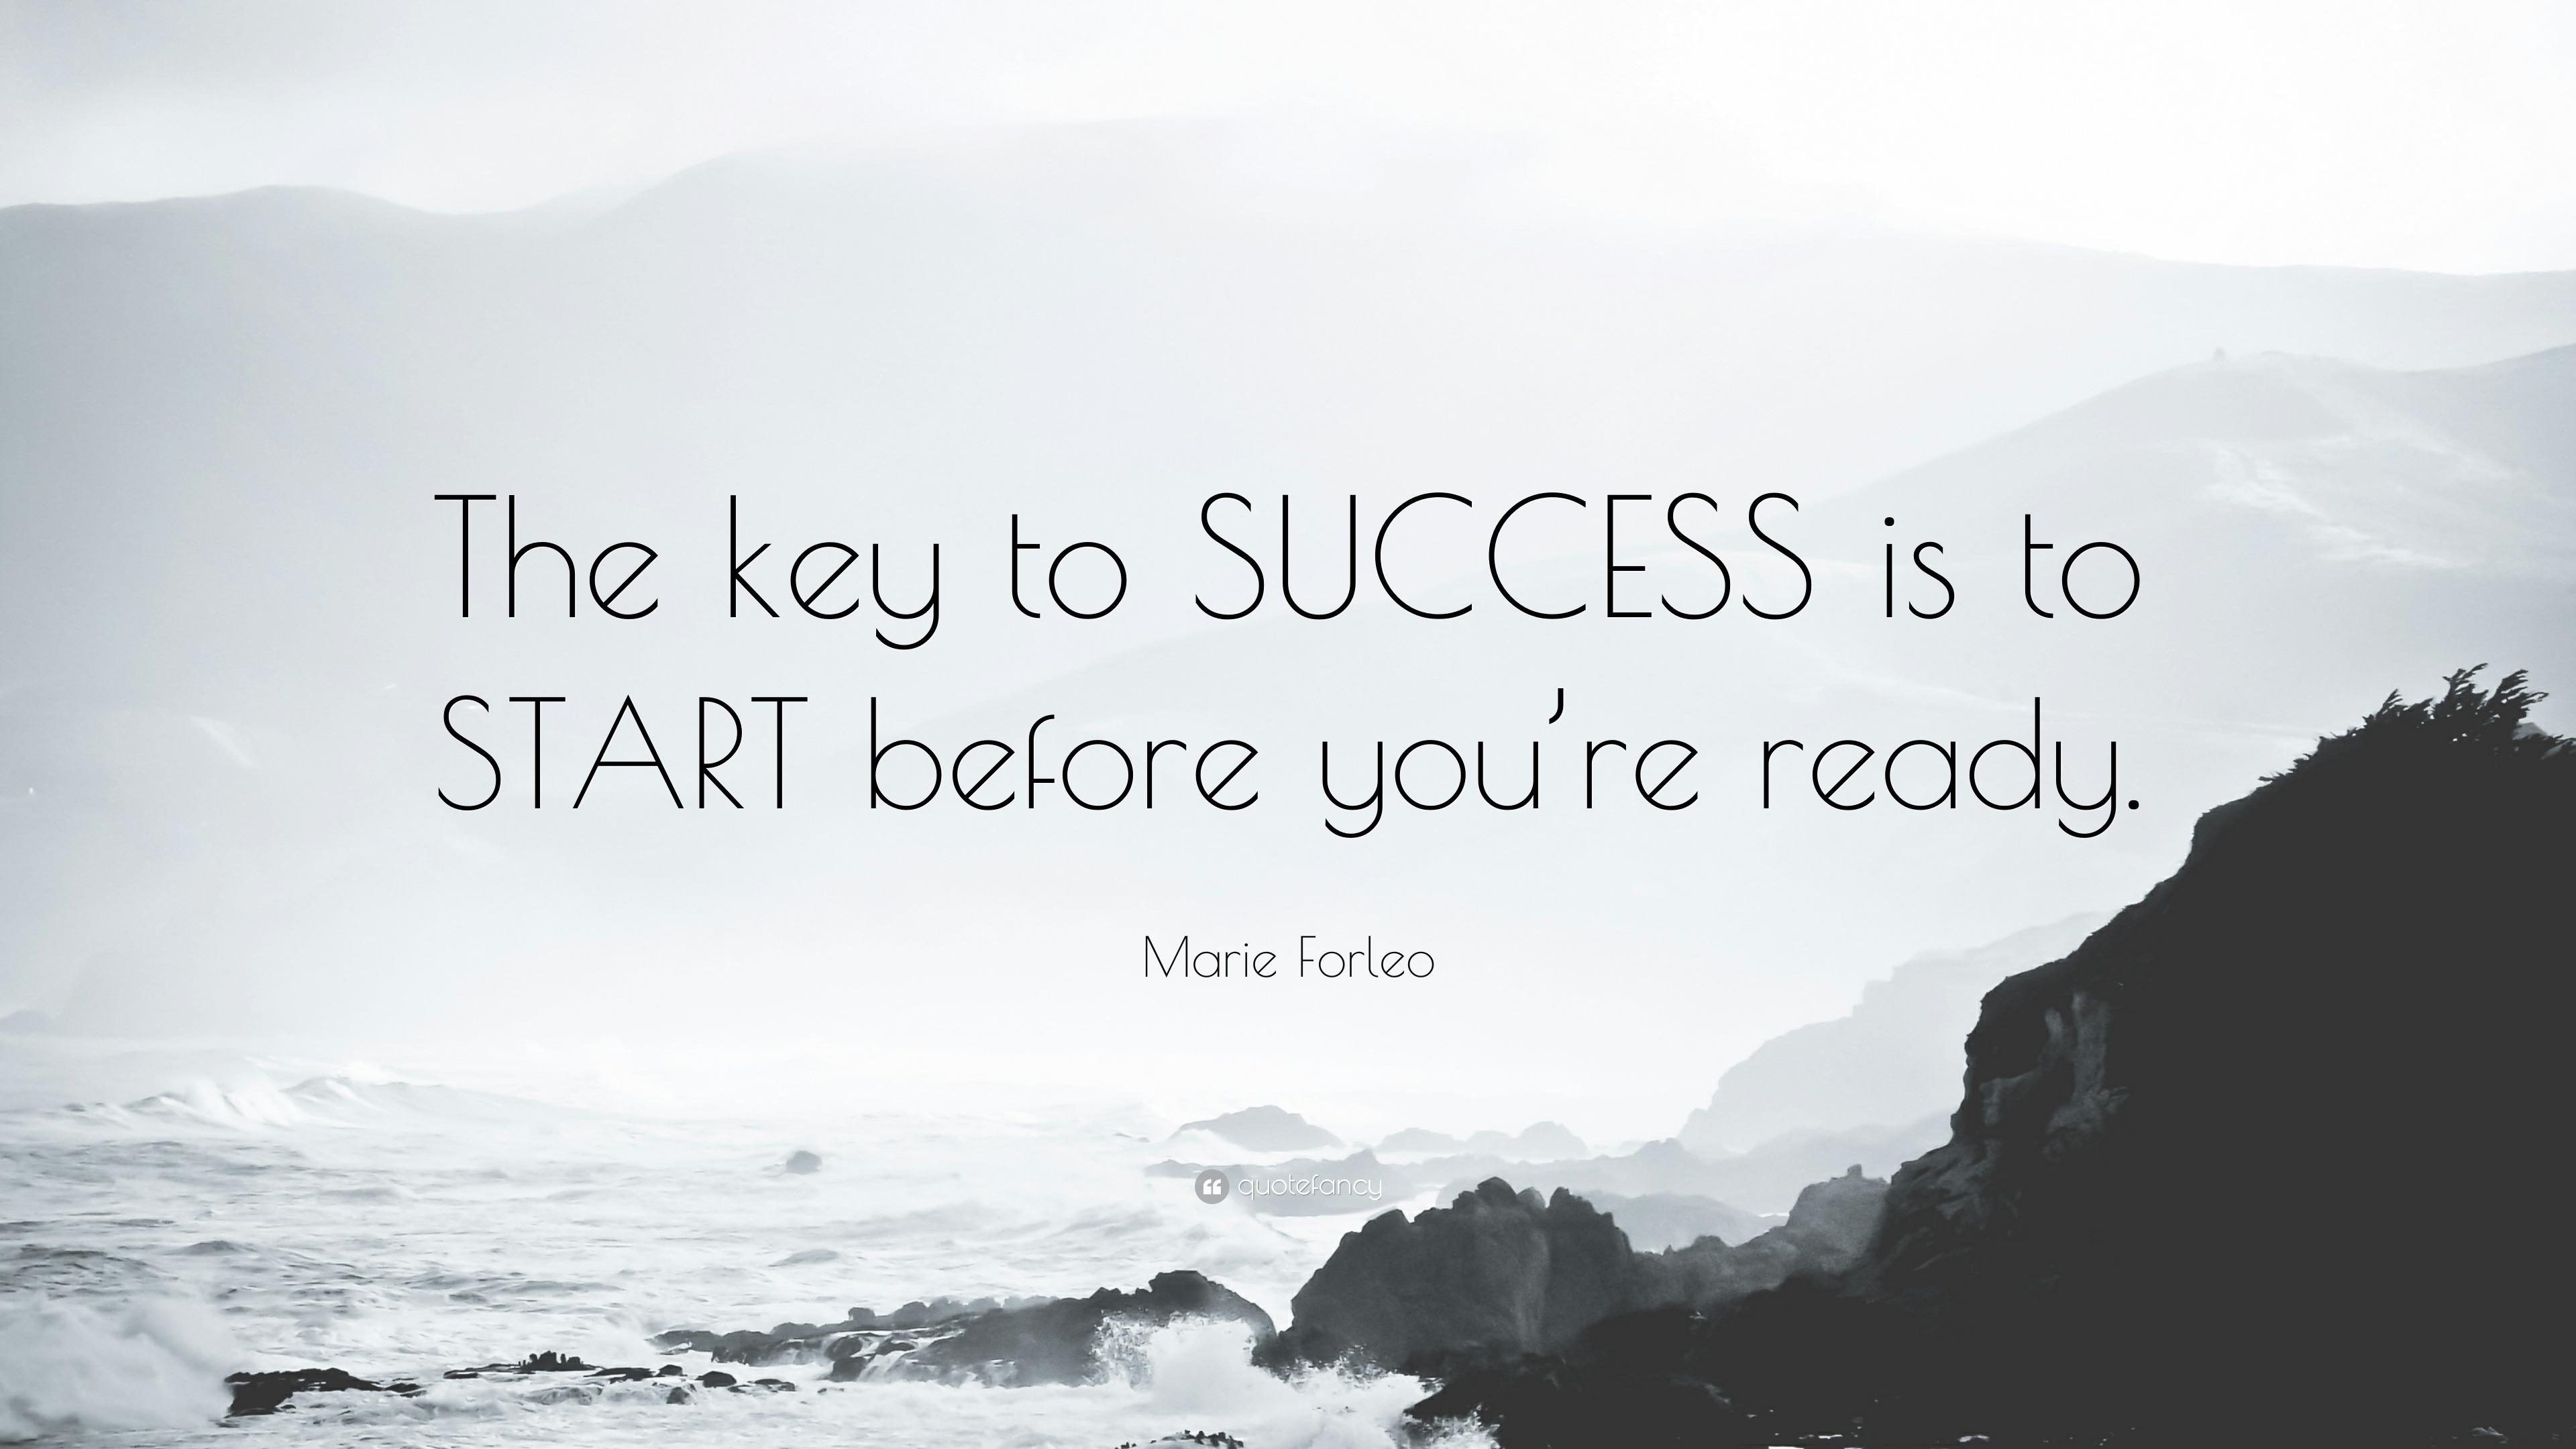 Αποτέλεσμα εικόνας για the key to success is to start before you're ready